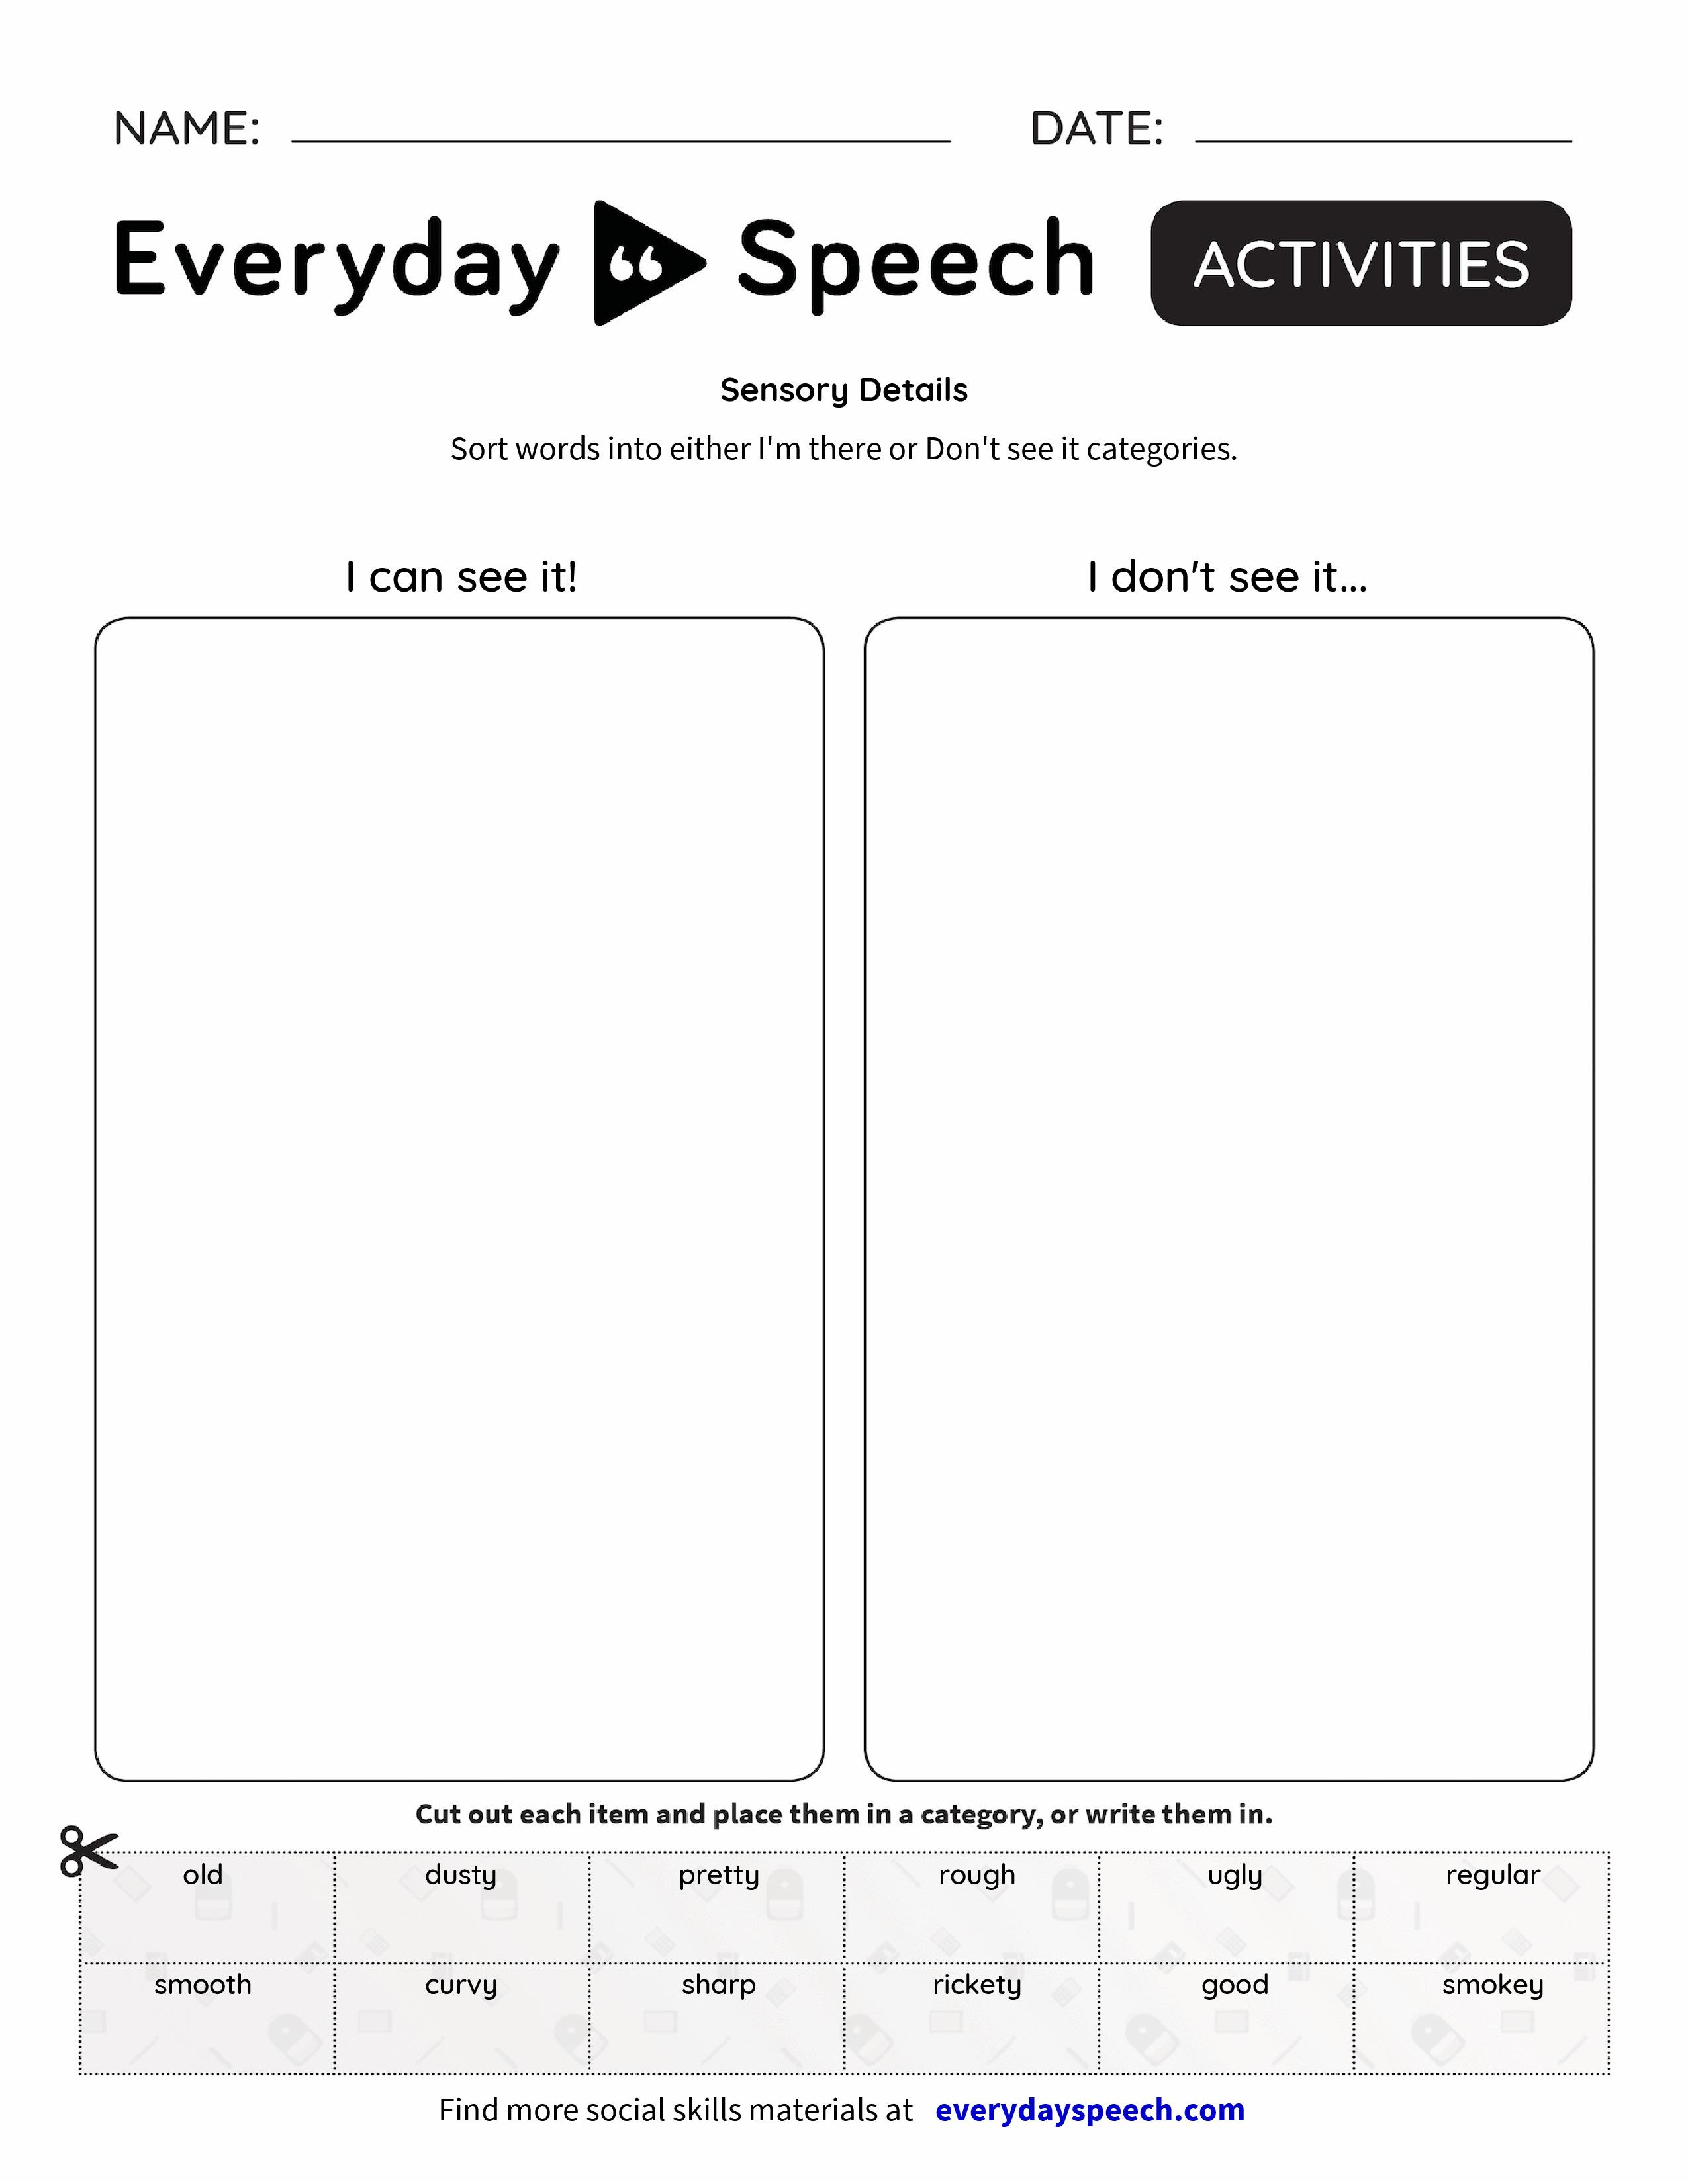 Worksheets Sensory Details Worksheet sensory details everyday speech details